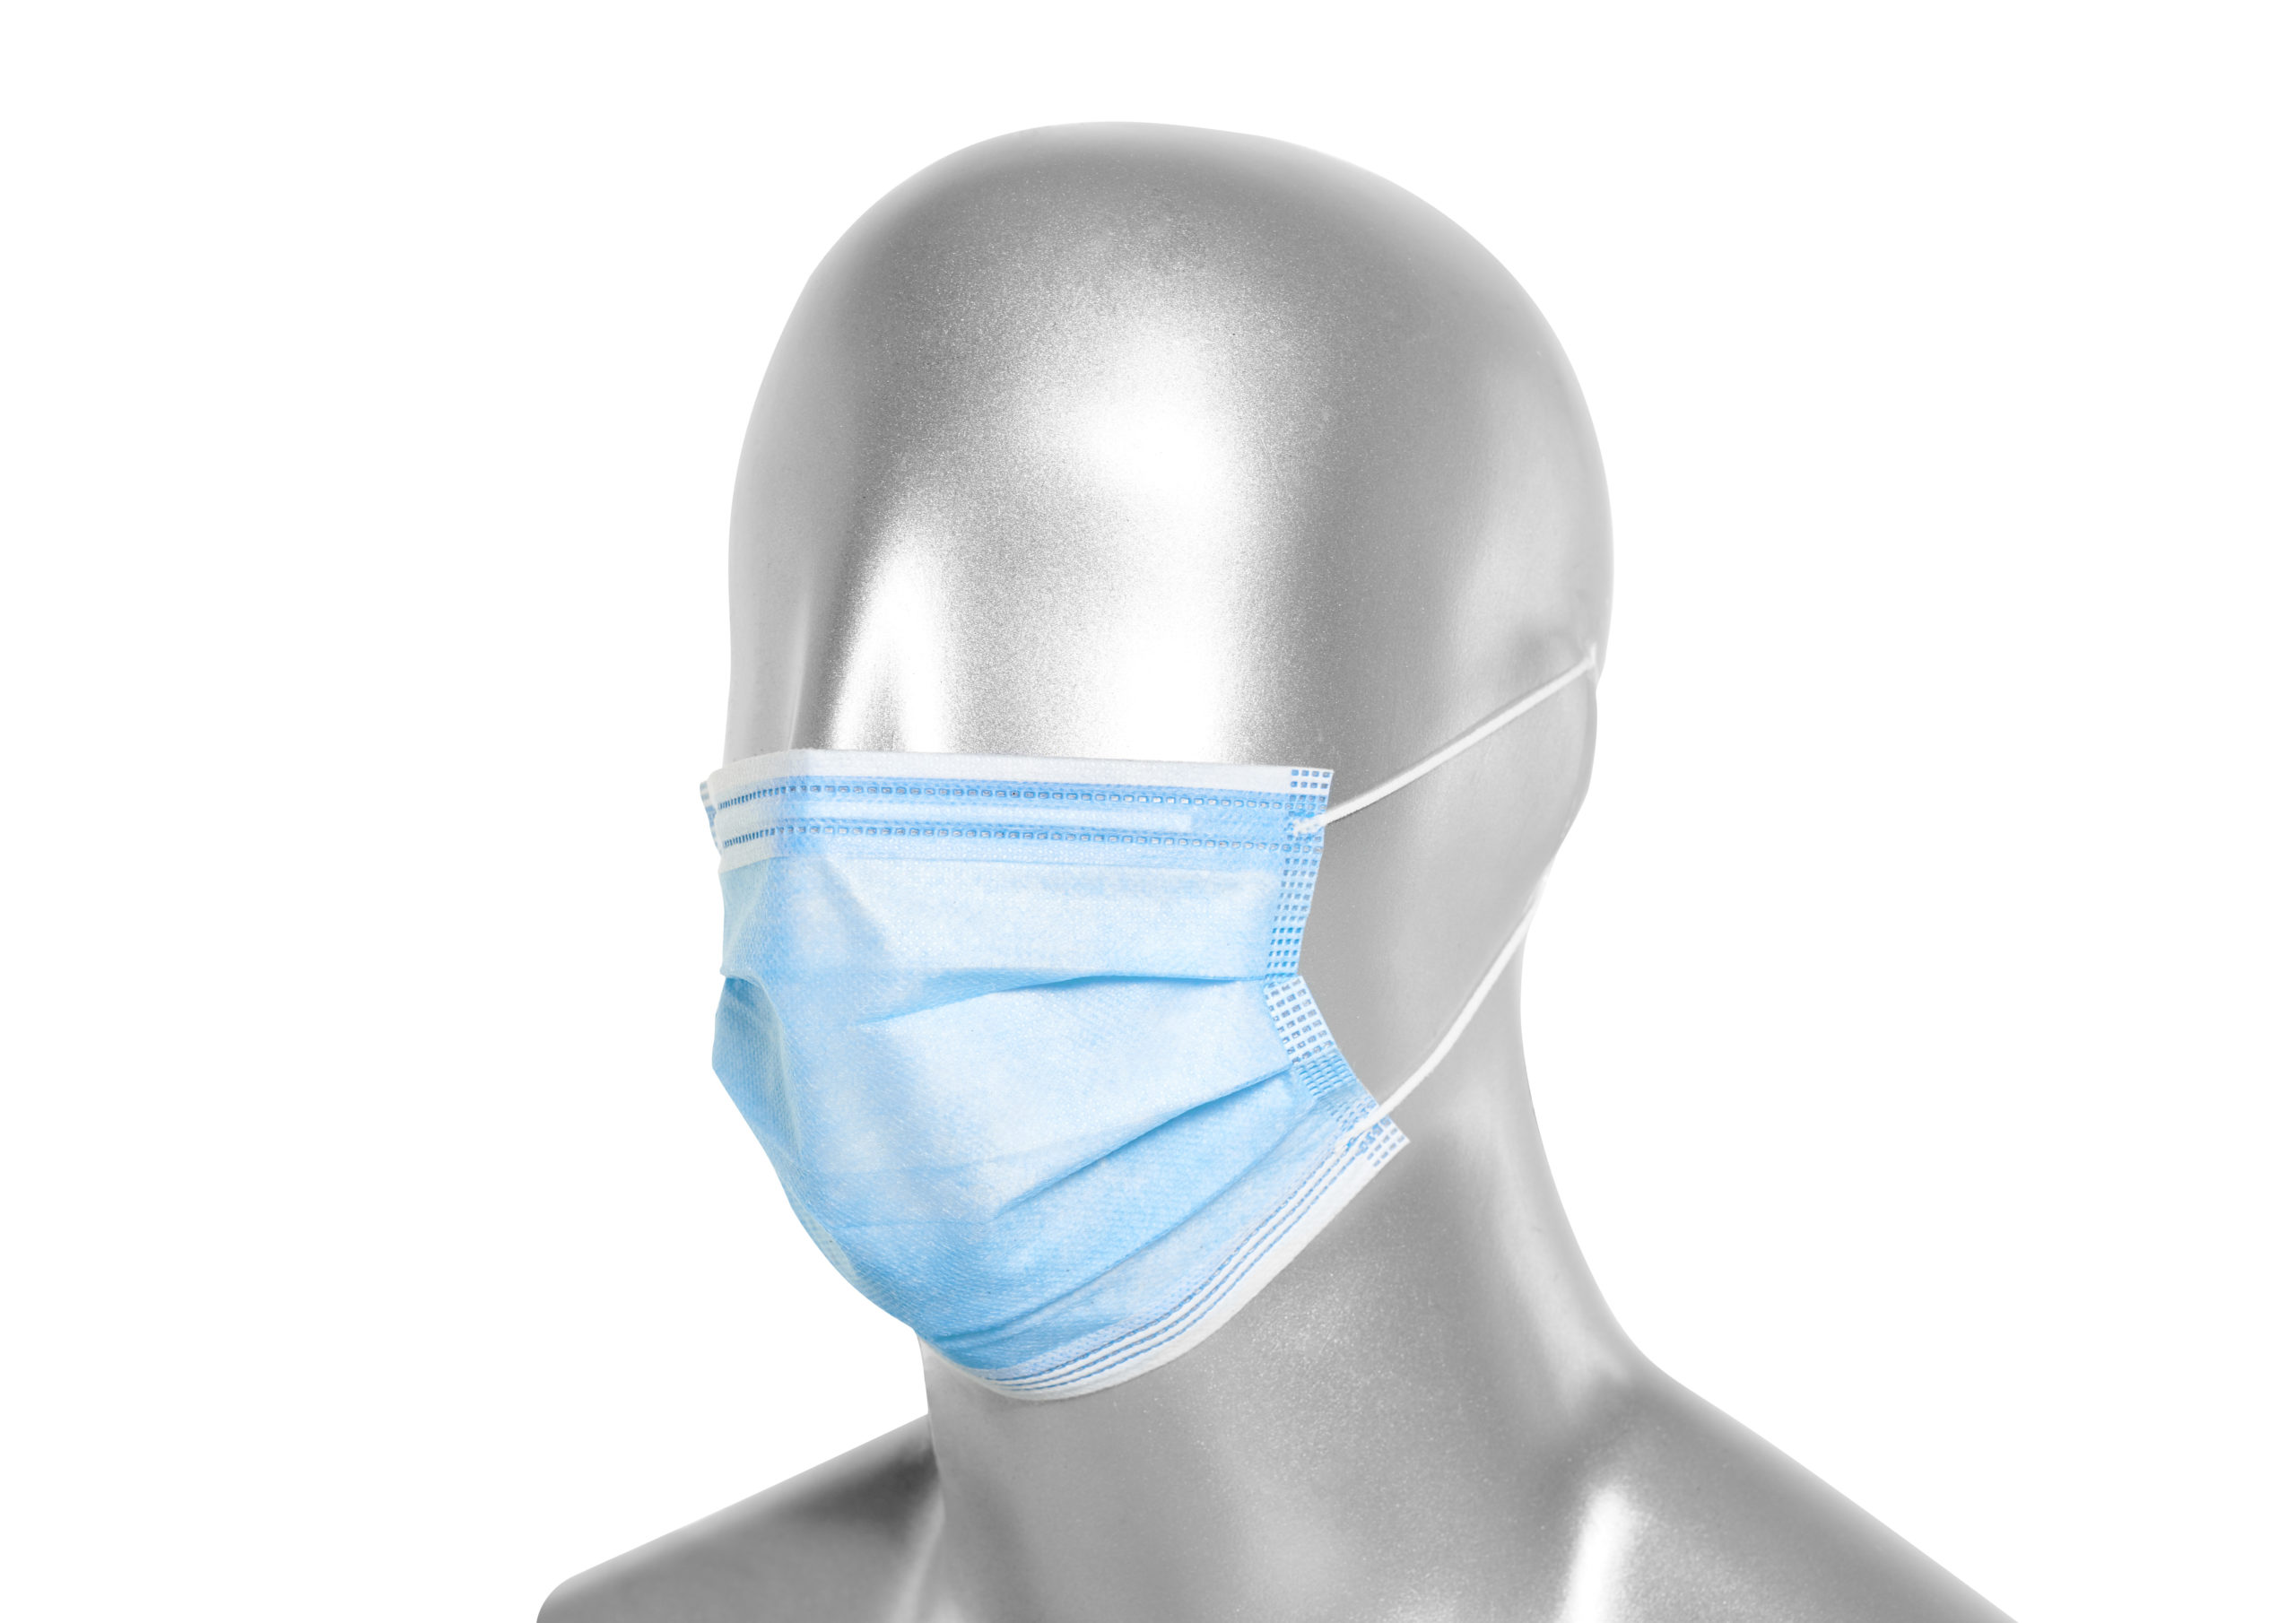 50er Packung medizinischer Mund-Nasen-Schutz / OP-Maske ...